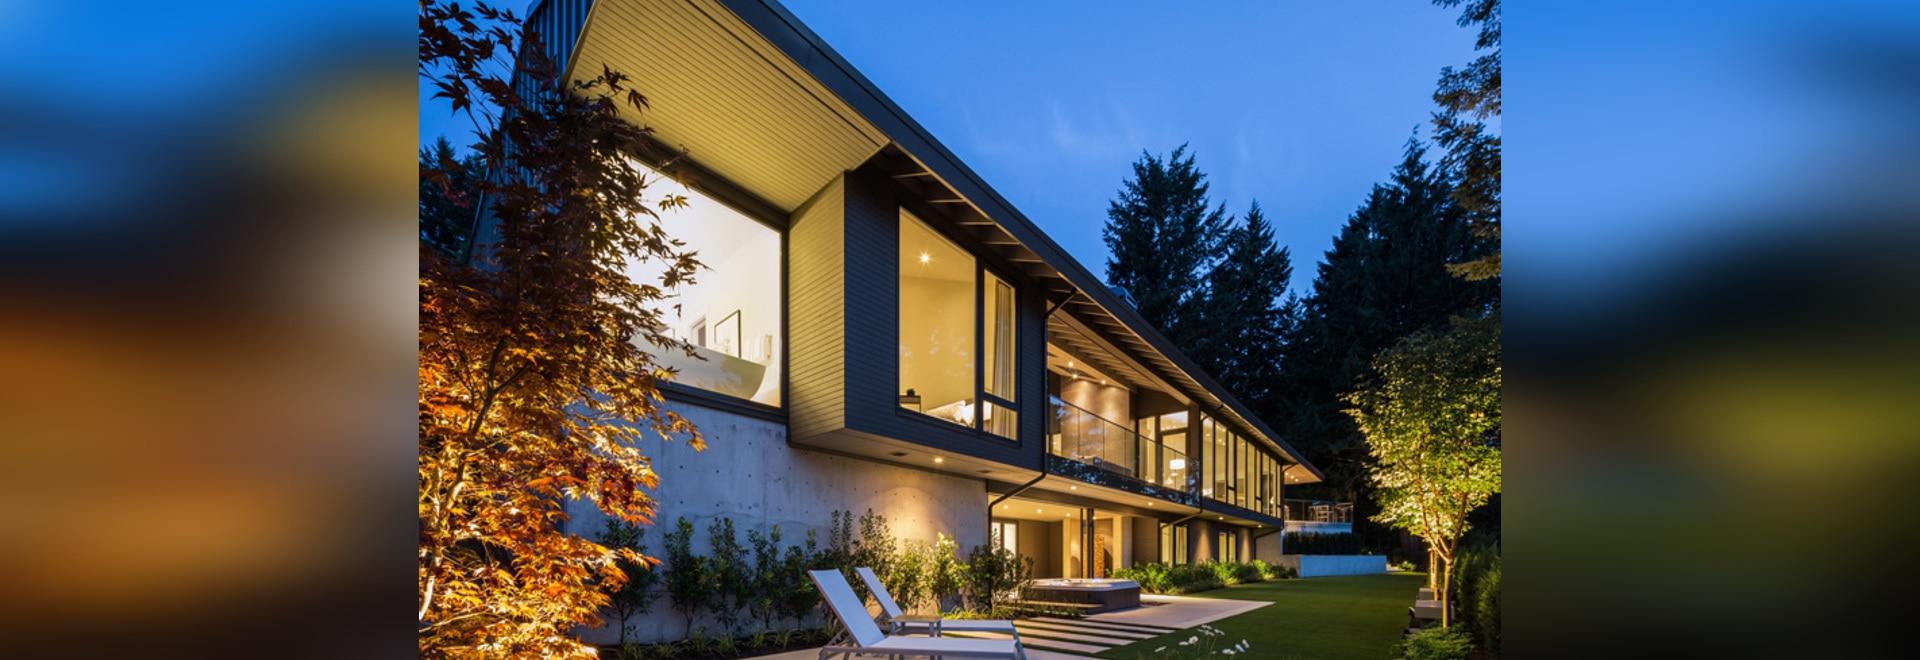 Randy Bens entwirft ein Haus um die Idee eines umfaßten, lebenden ...